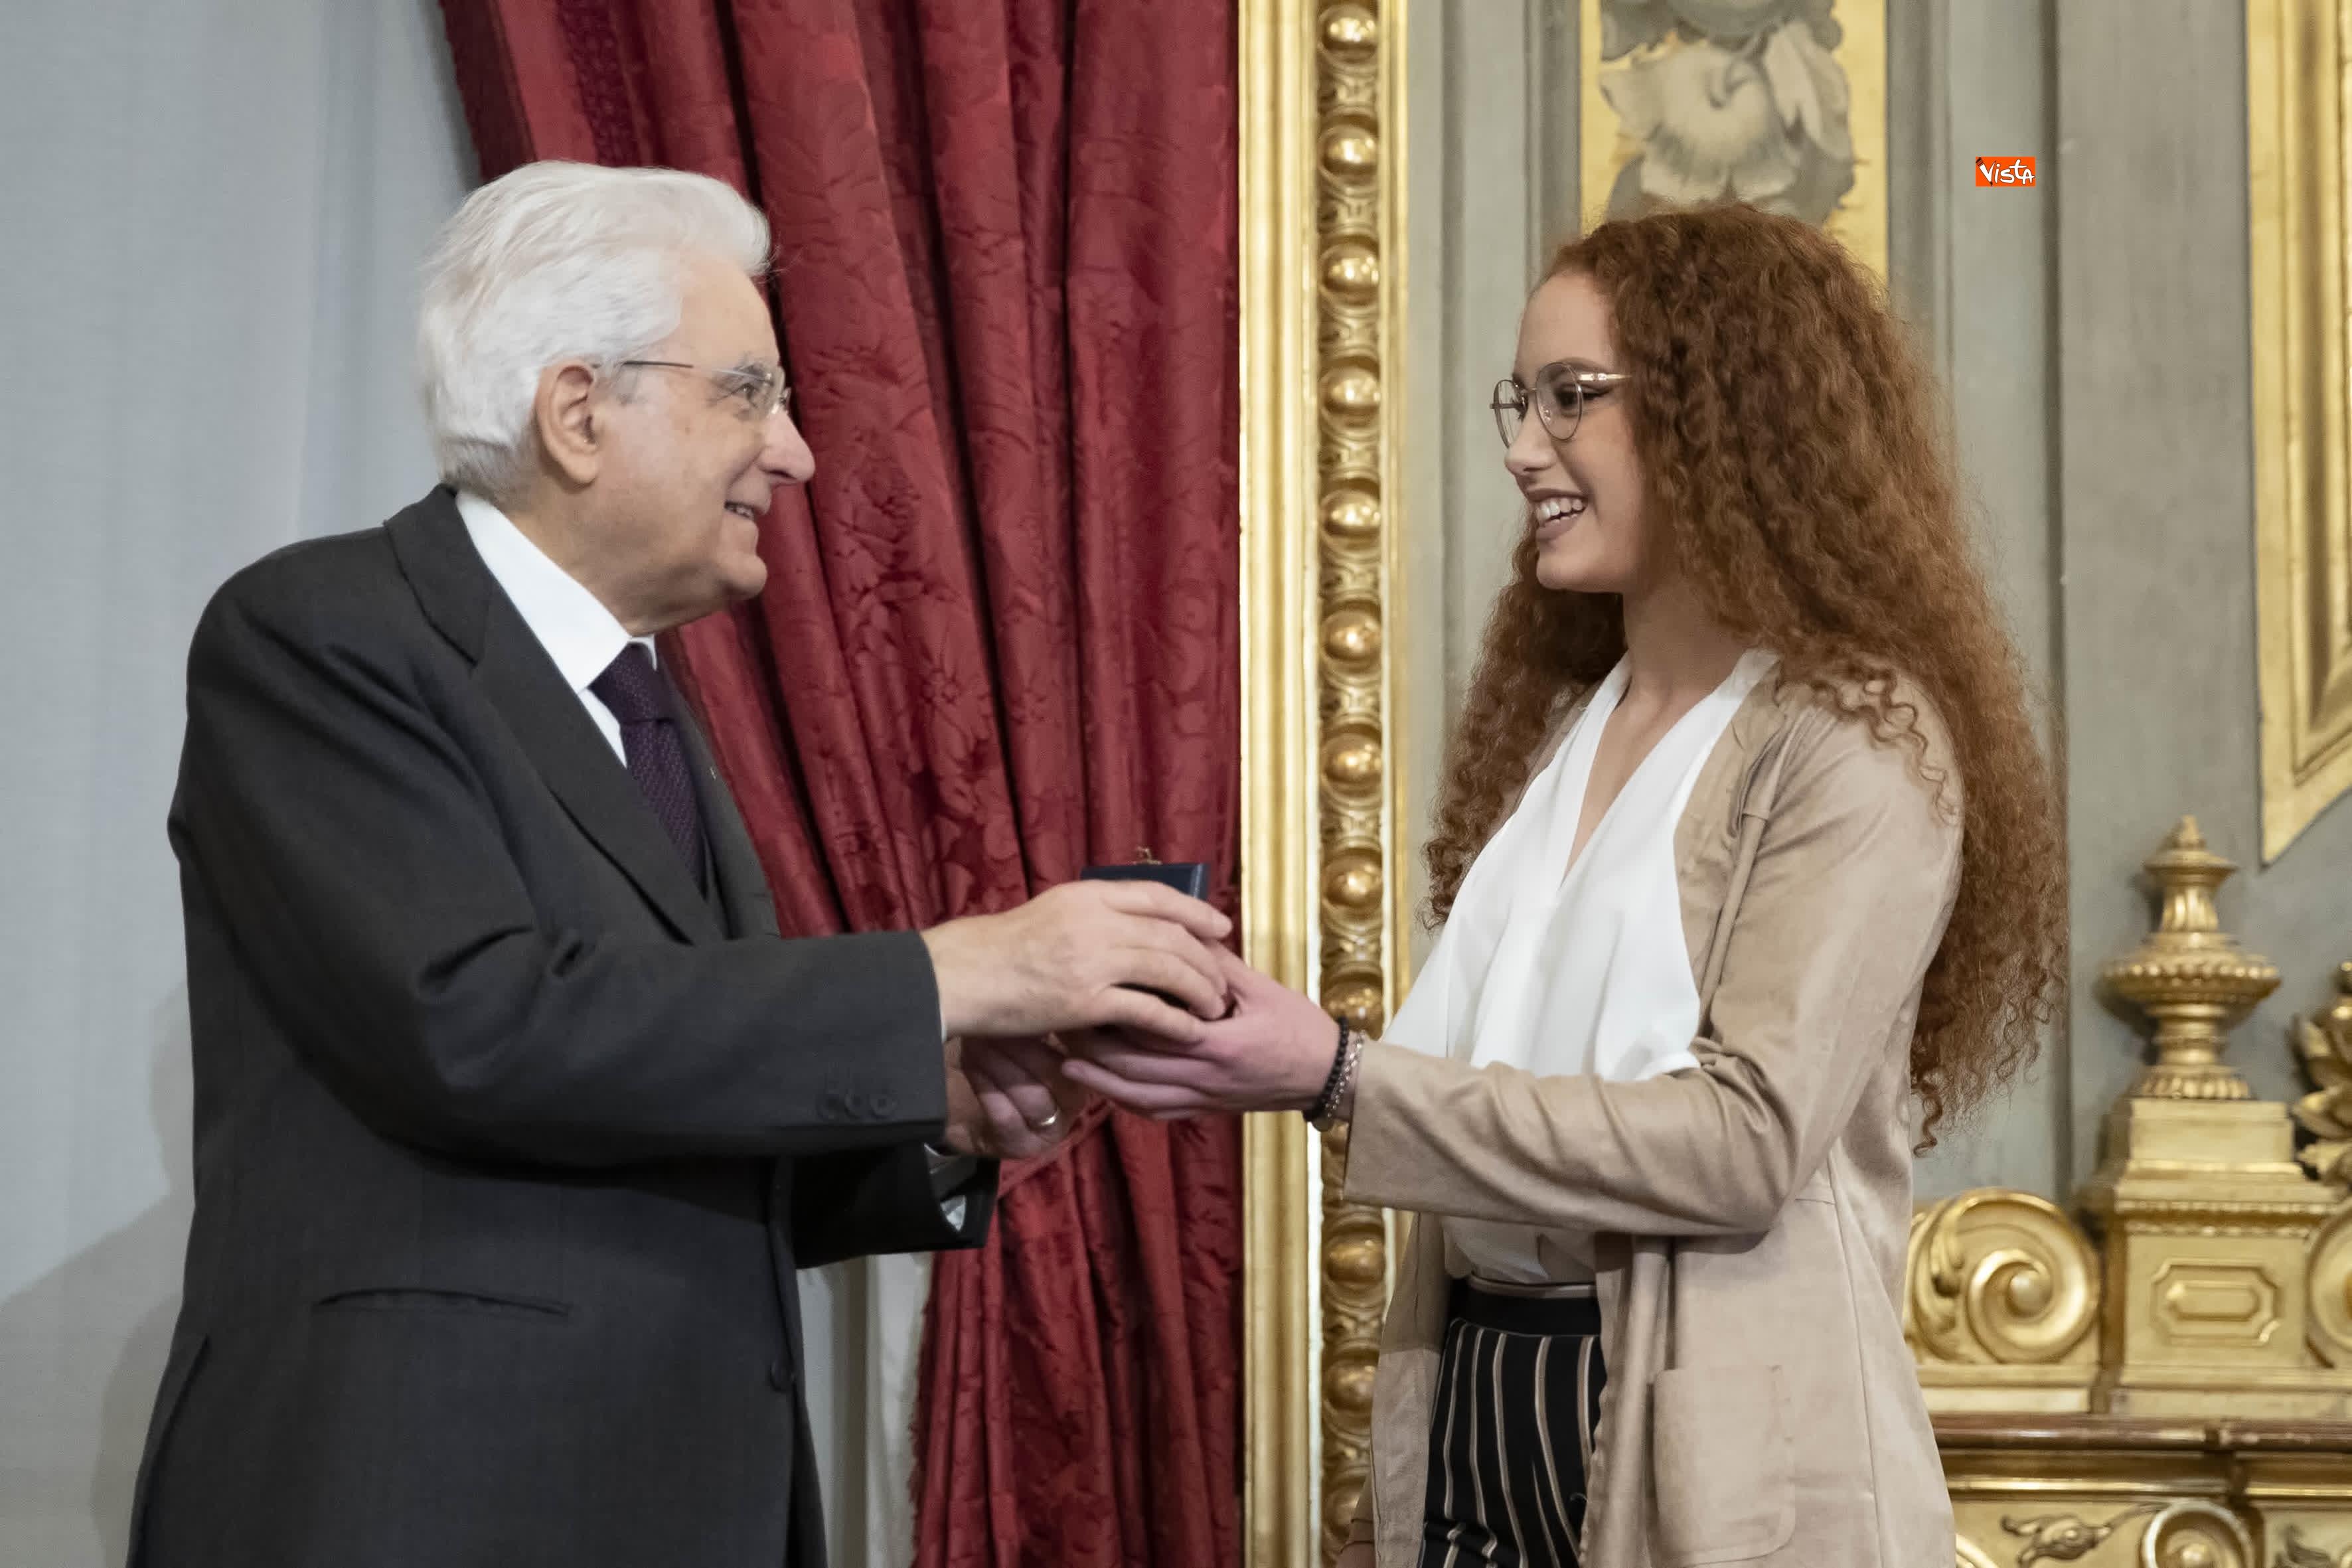 13-03-19 Mattarella consegna gli Attestati d Onore ai nuovi Alfieri della Repubblica, le immagini_14